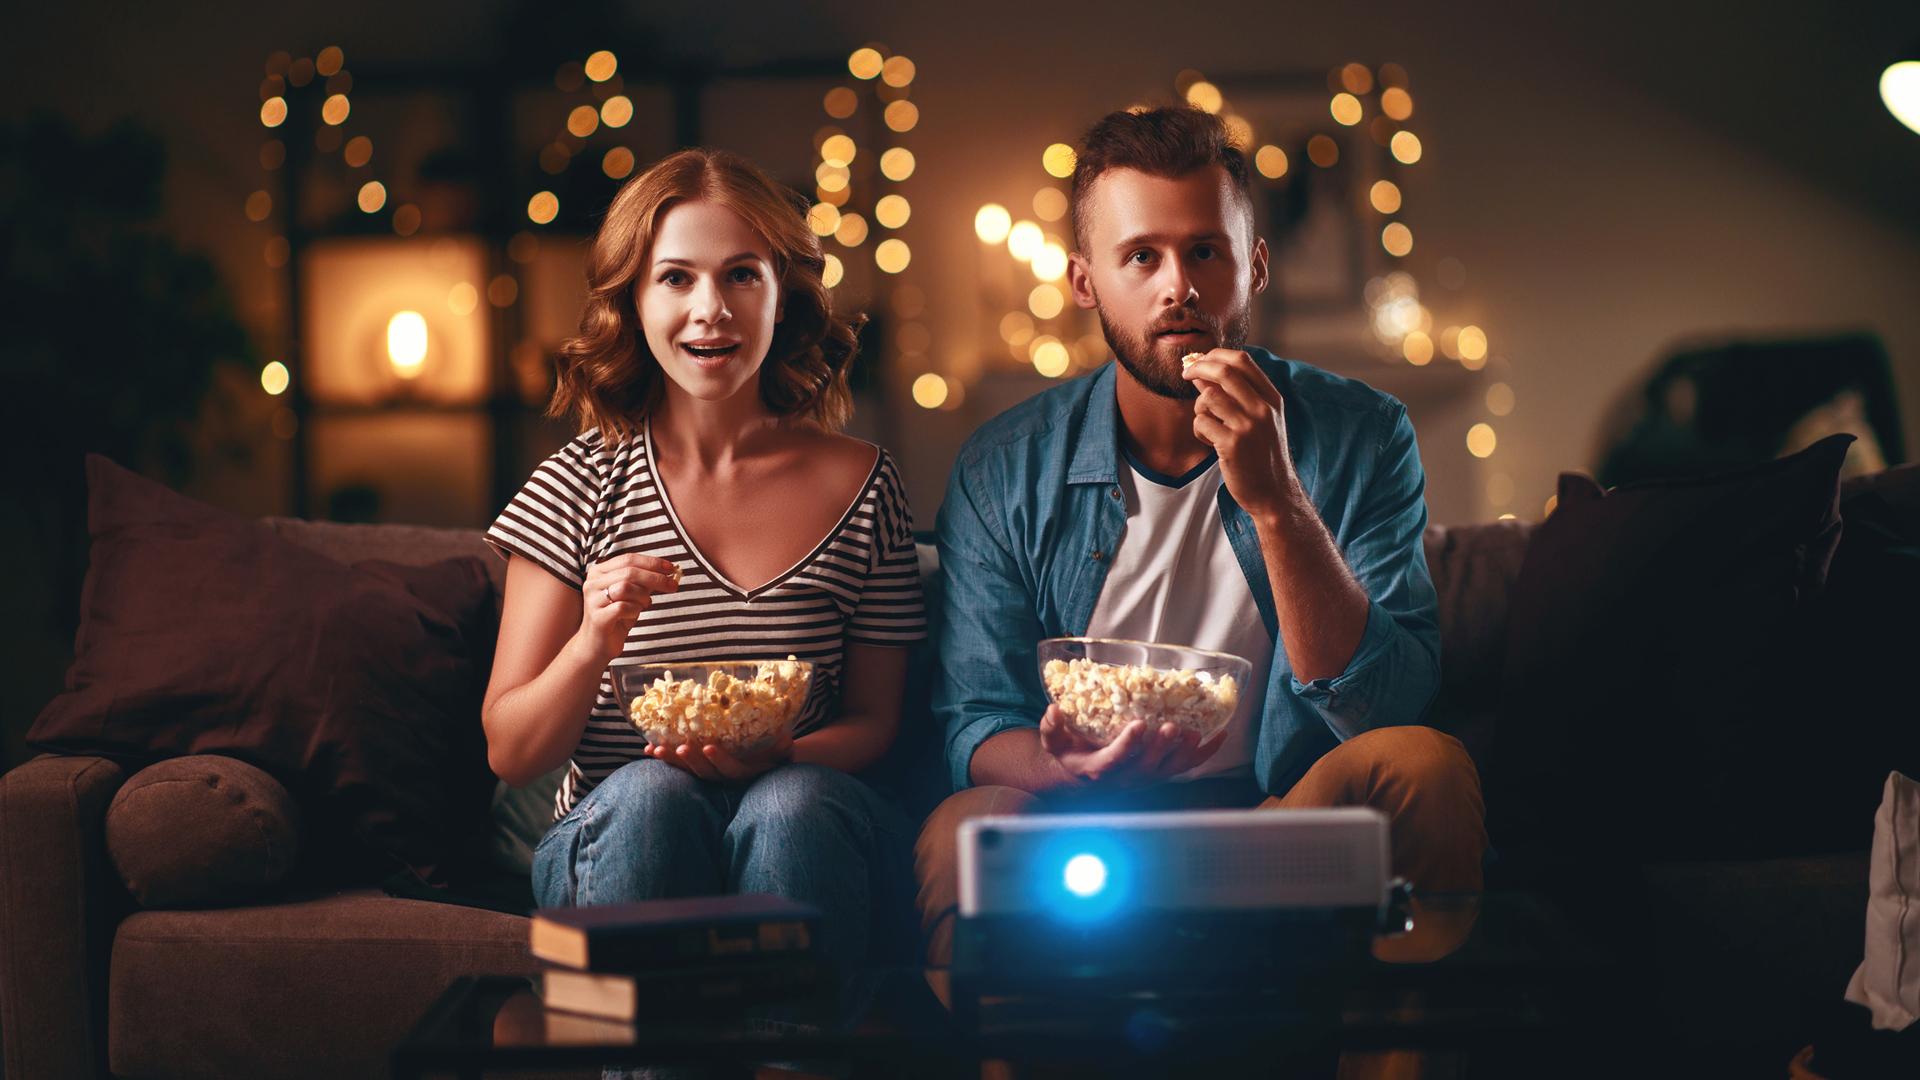 Ein Paar isst Popcorn und schaut TV.